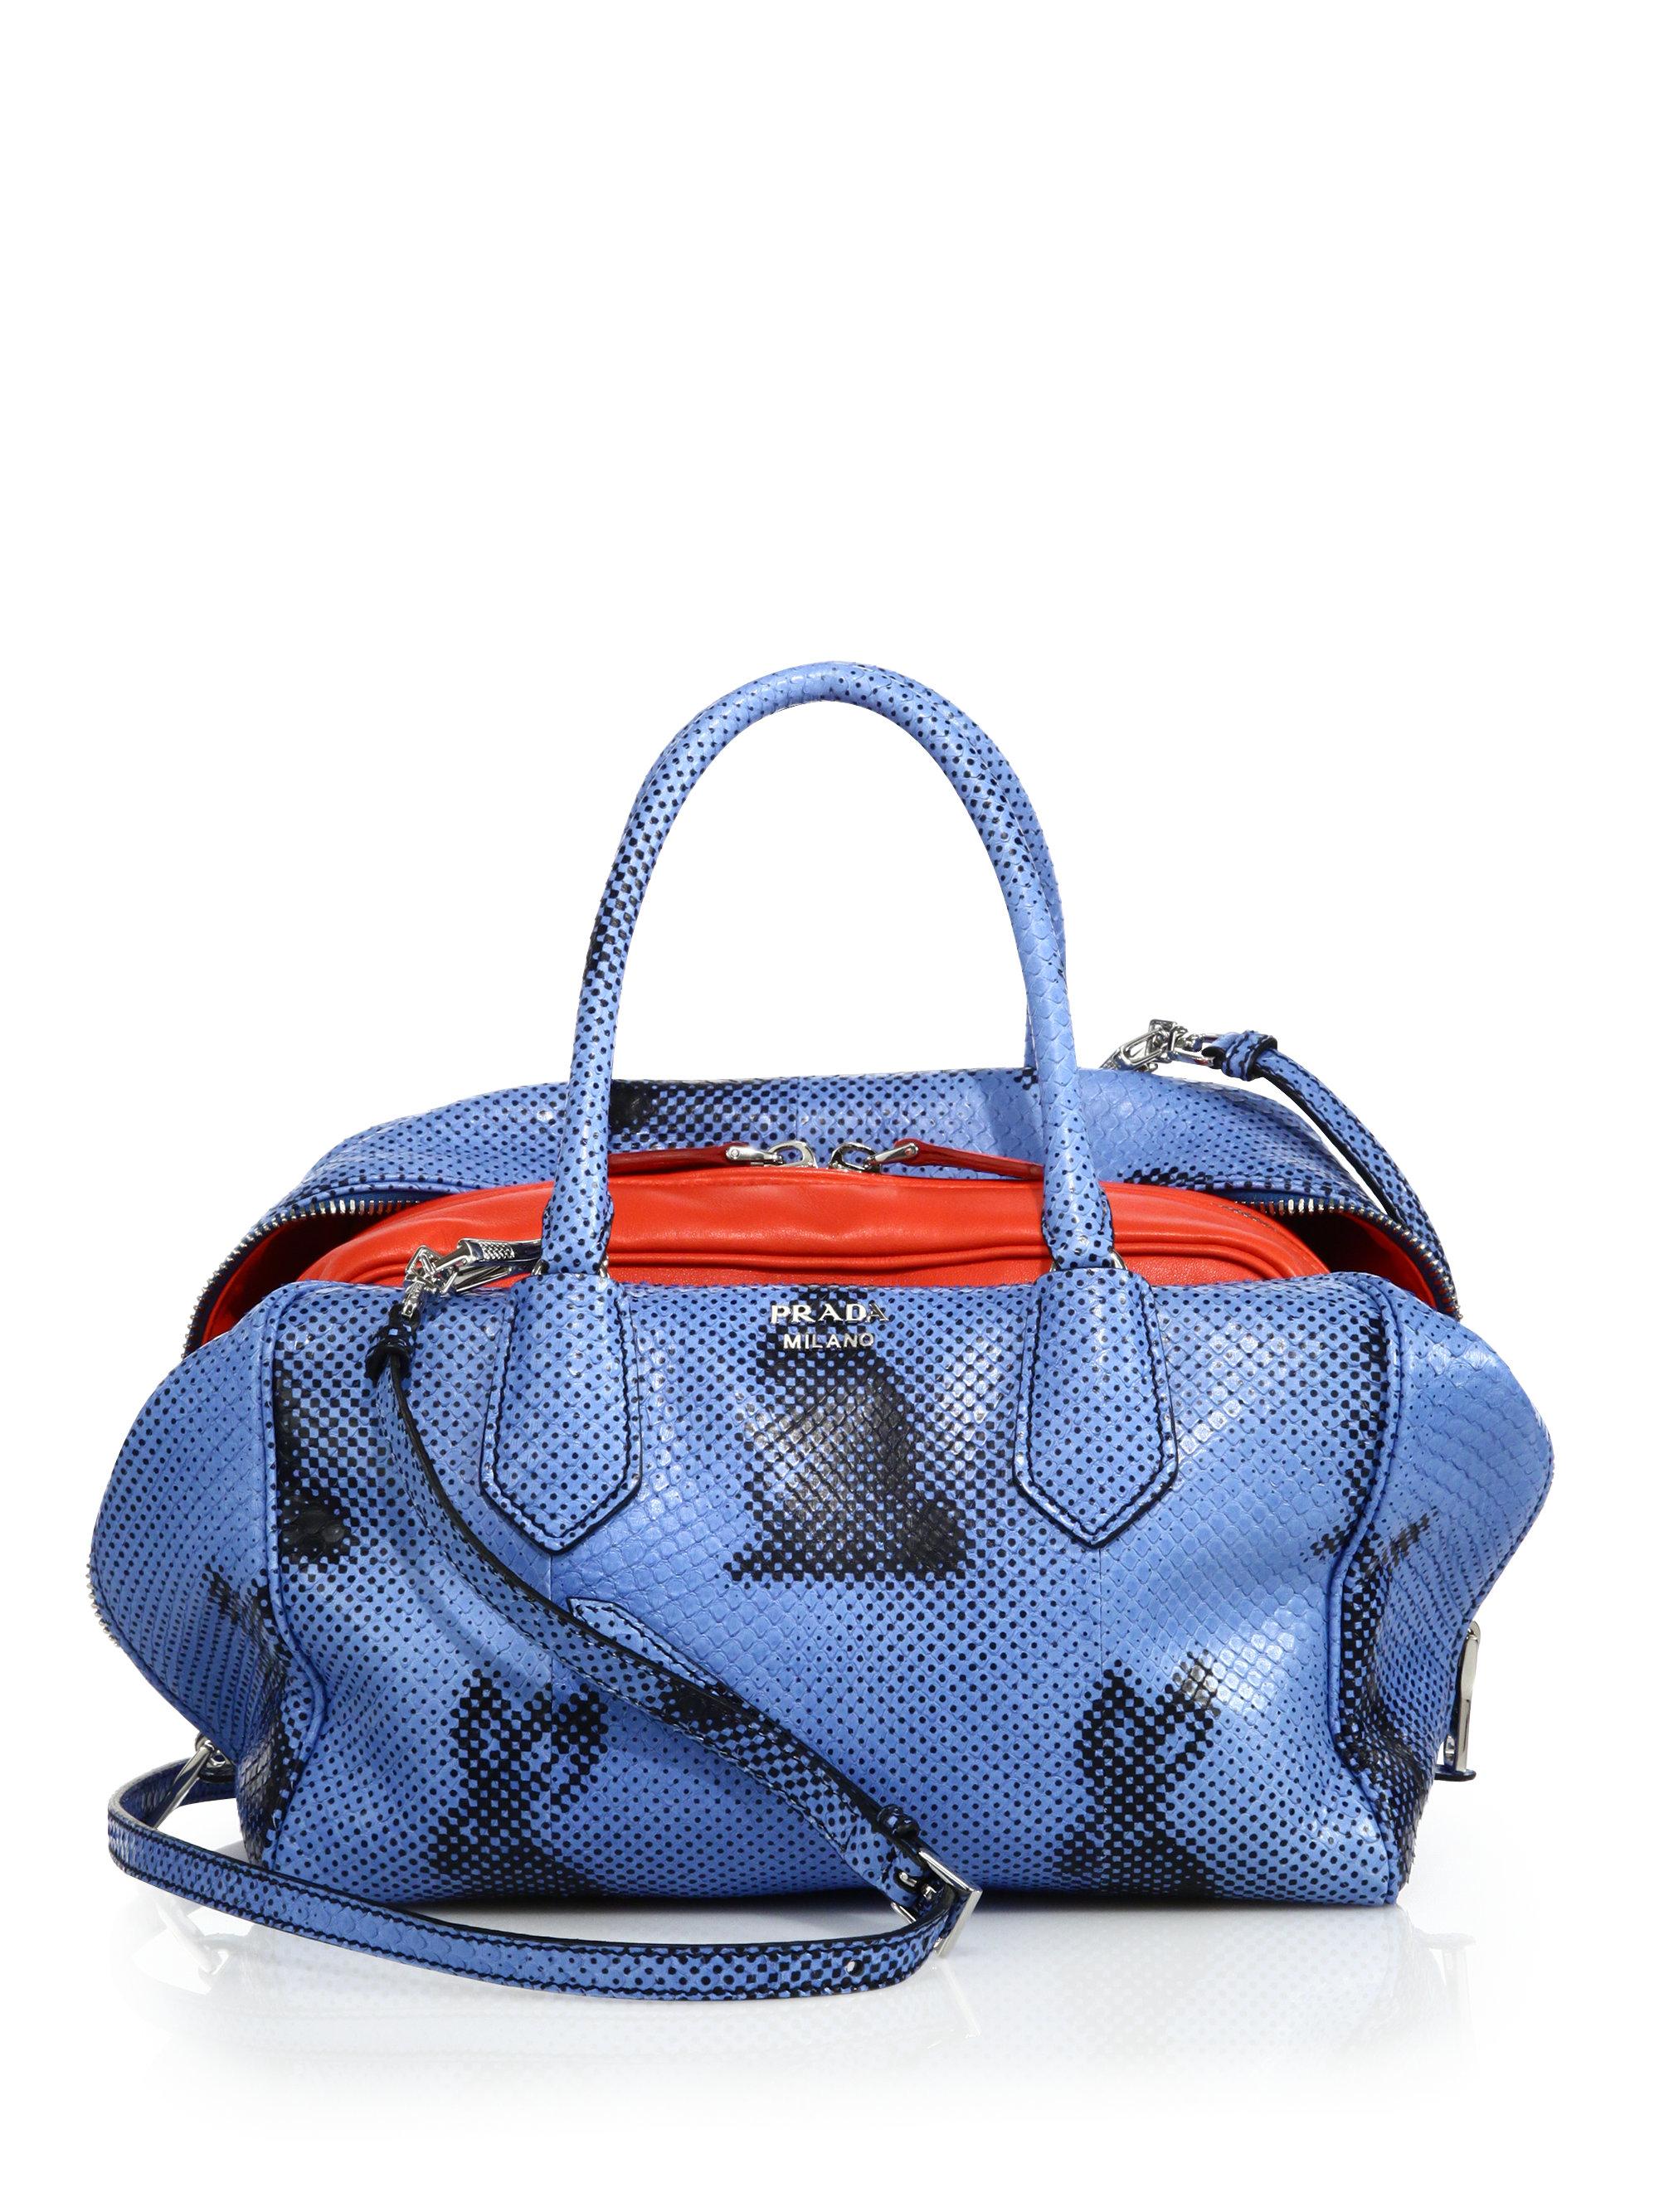 2361ddc9c prada python pouch bag